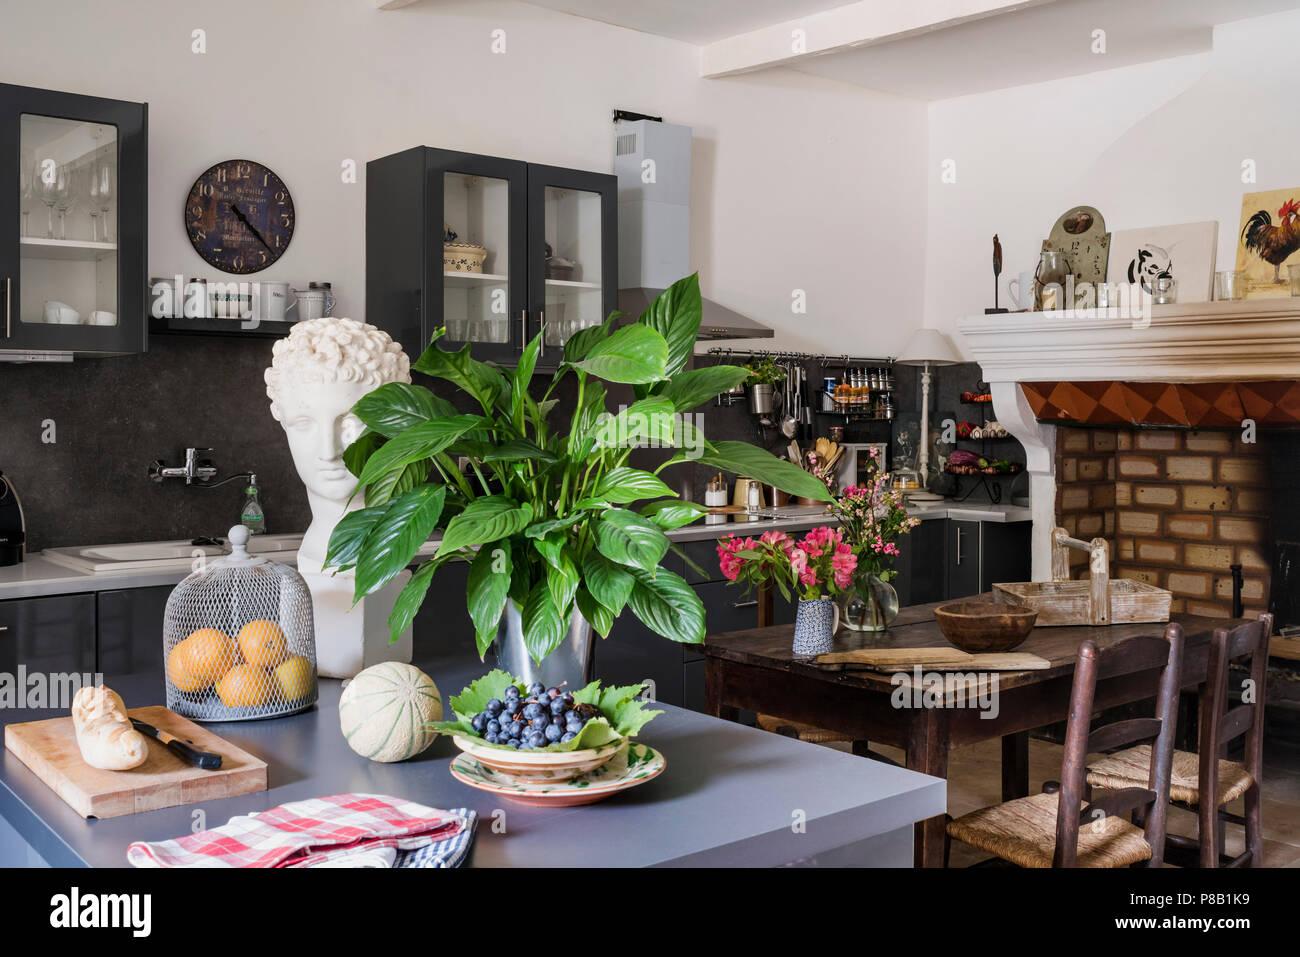 moderne k che und kochinsel mit alten kamin erhalten 19 tabelle und unerreichte st hlen. Black Bedroom Furniture Sets. Home Design Ideas